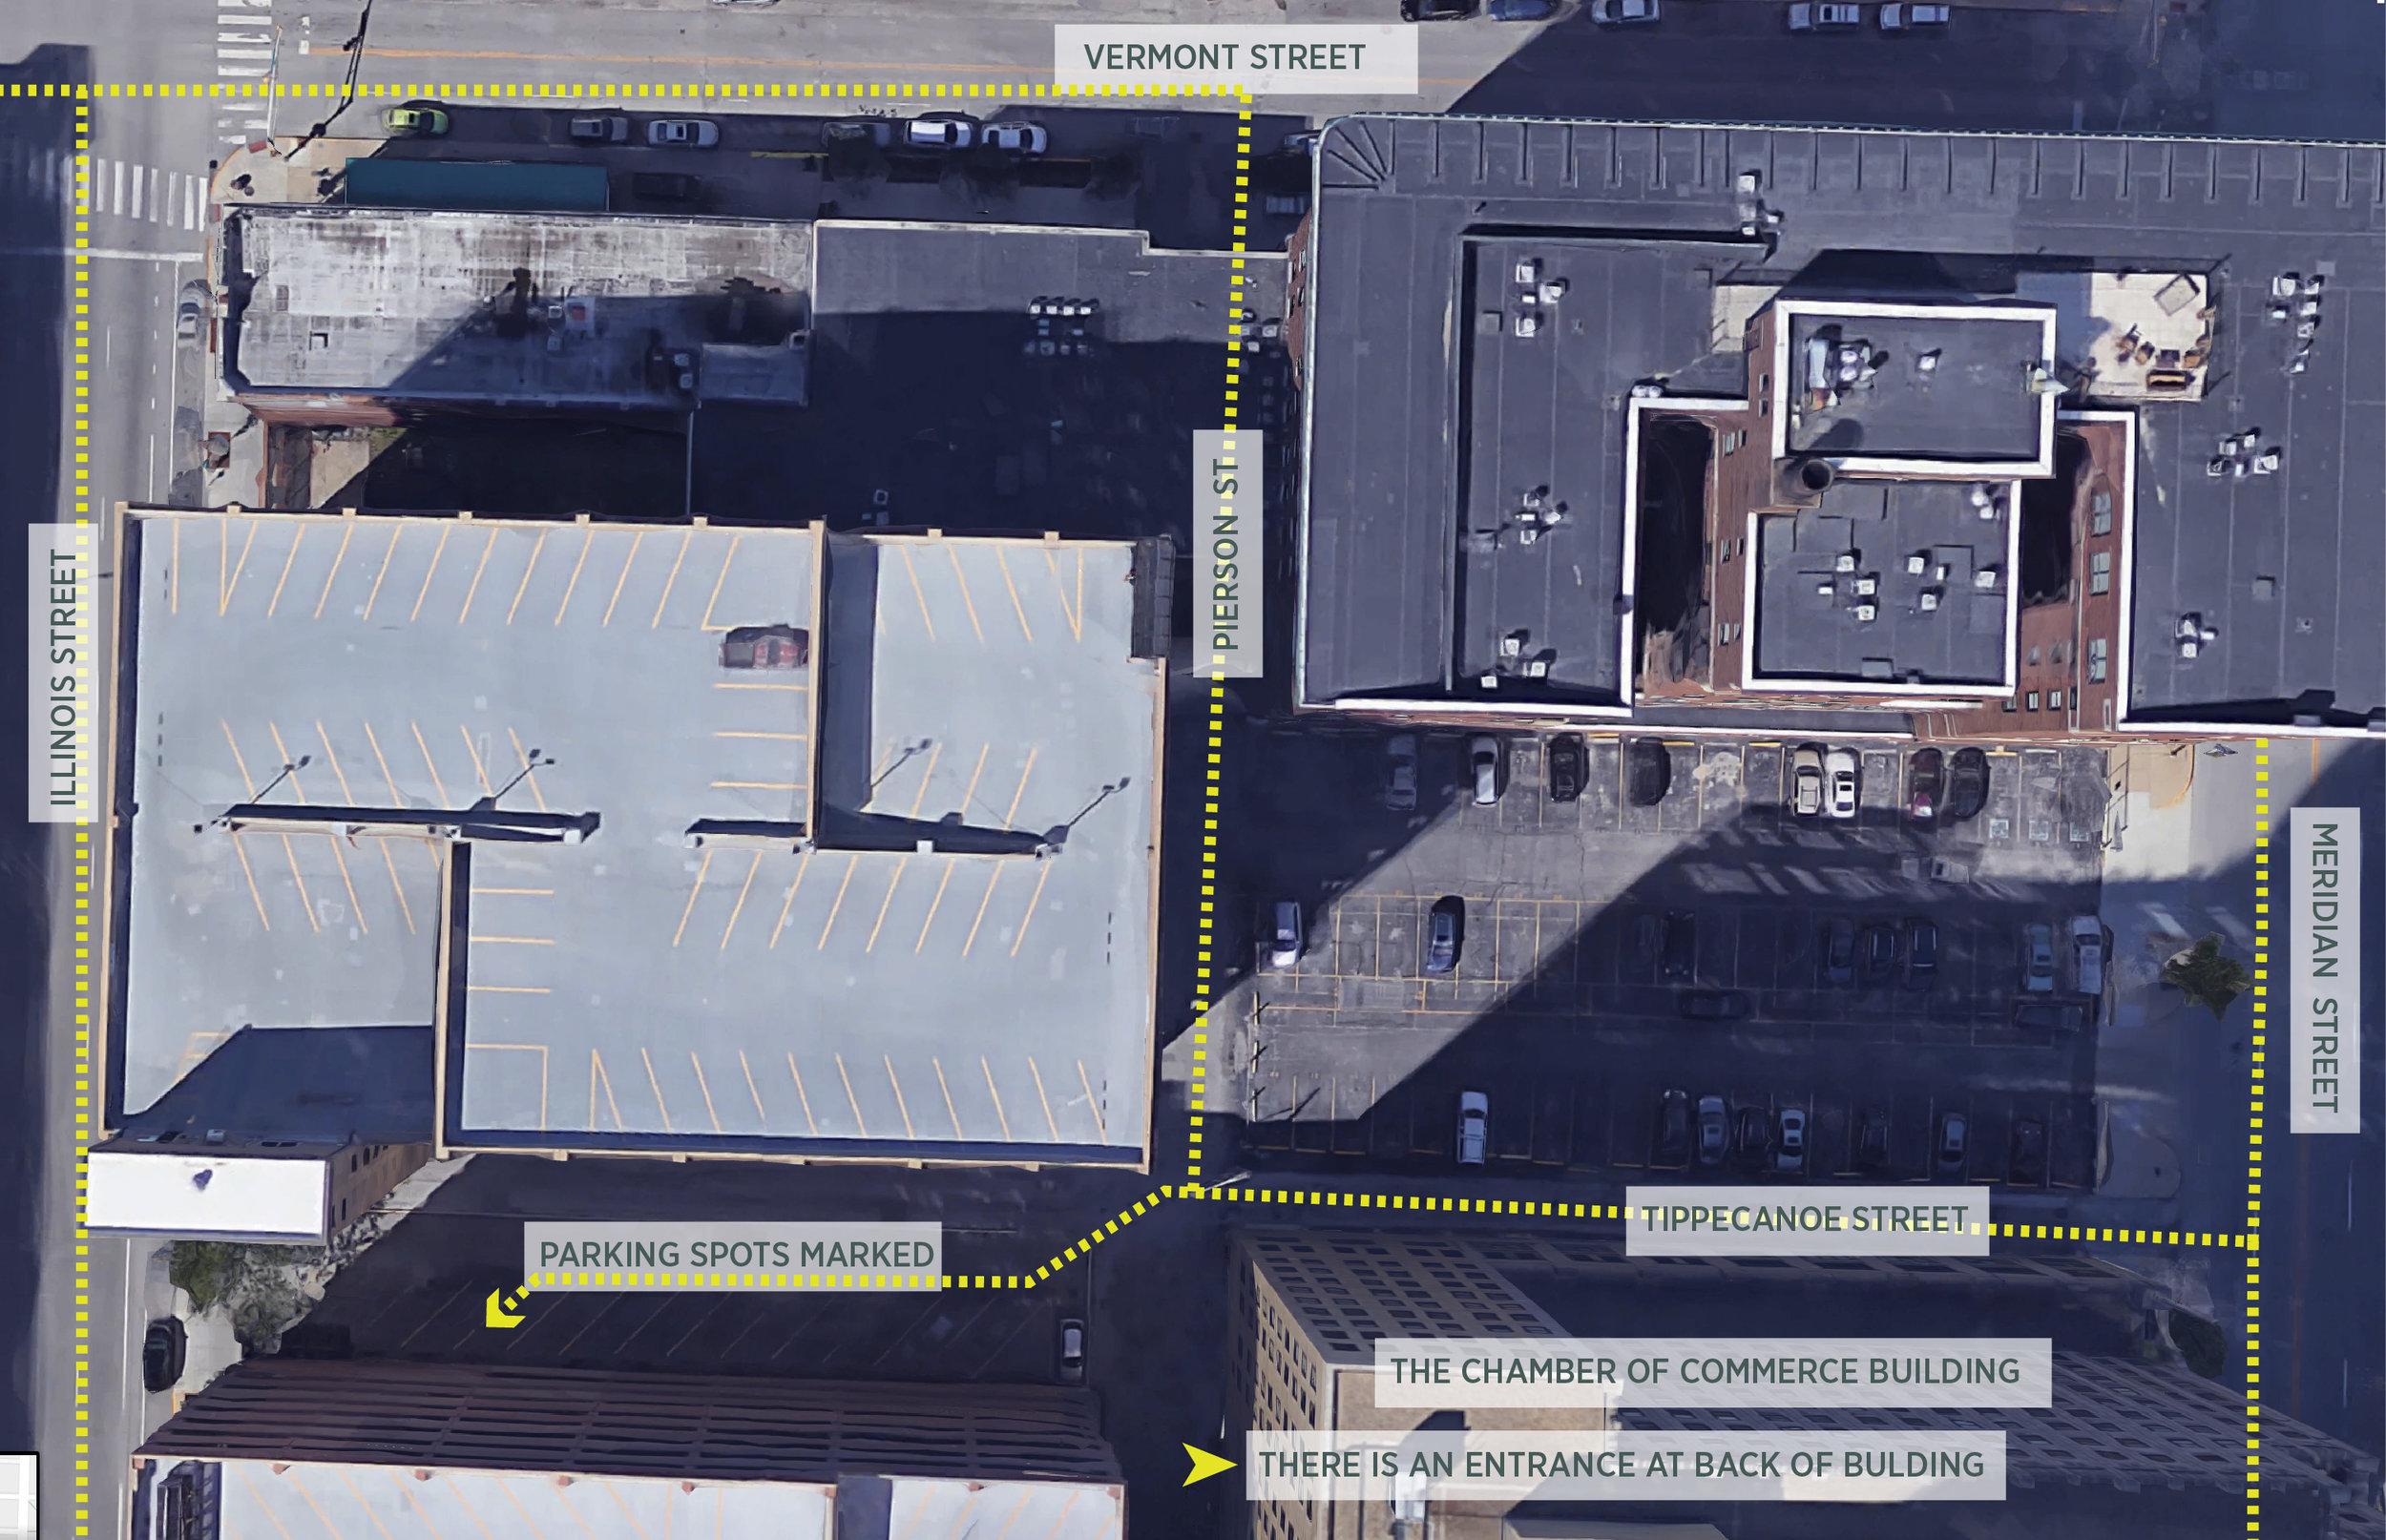 MMDD parking map-01.jpg